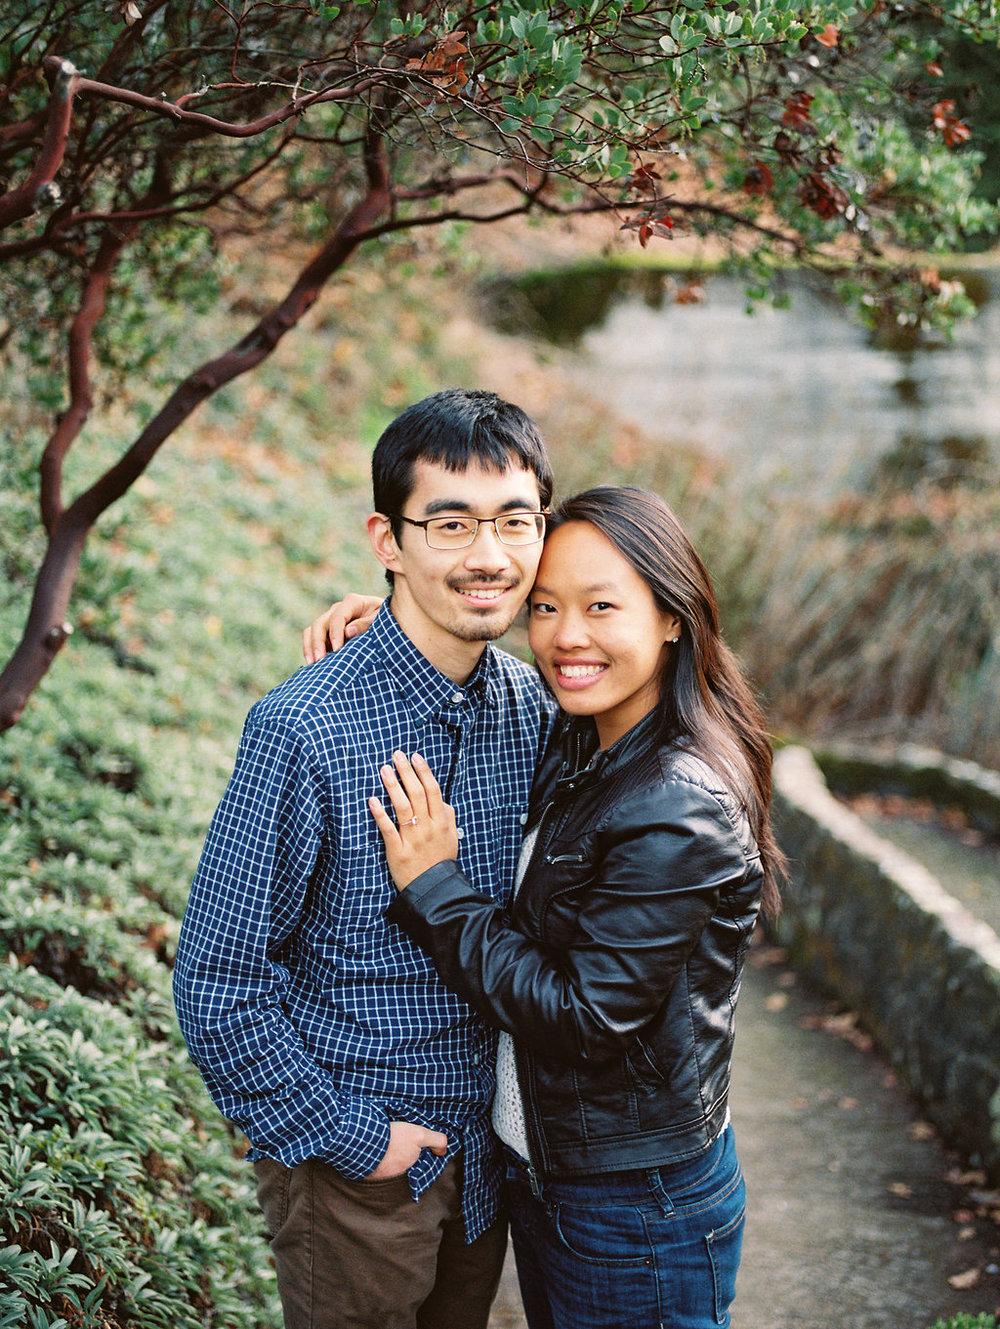 DY_Engagement_Film_022.jpg